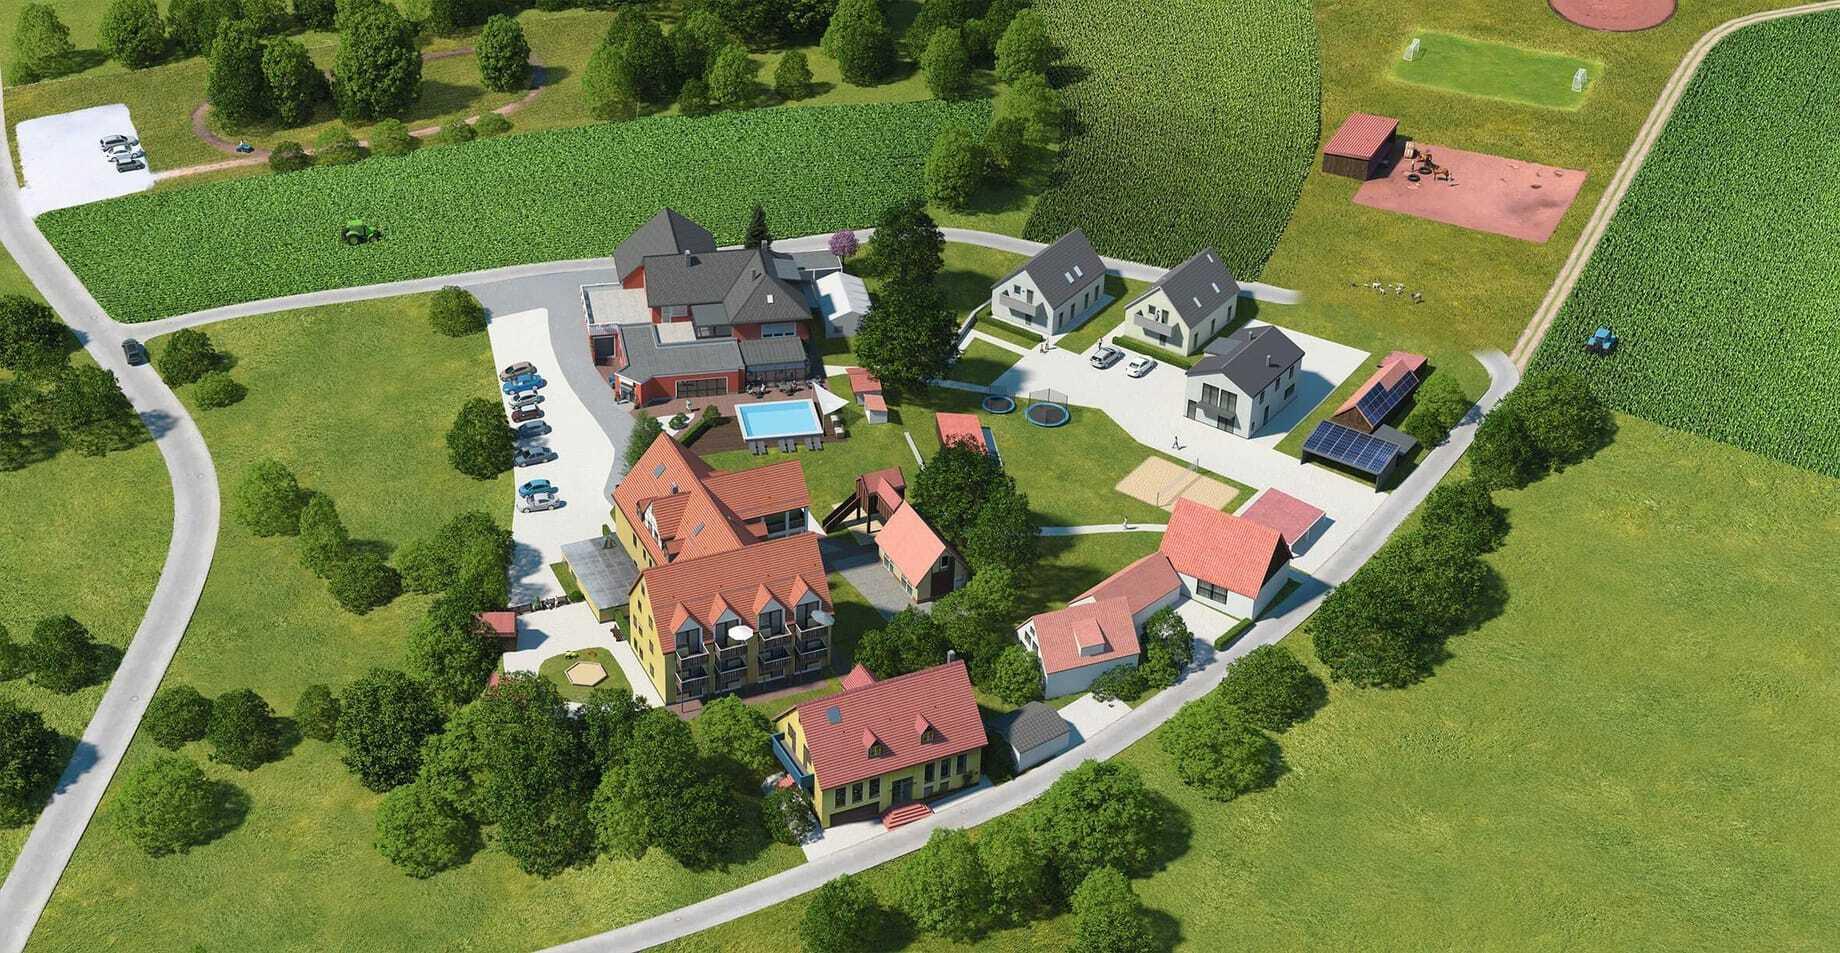 Blick von oben auf die Häuser_FamilienhotelFriedrichshof_Obertrubach